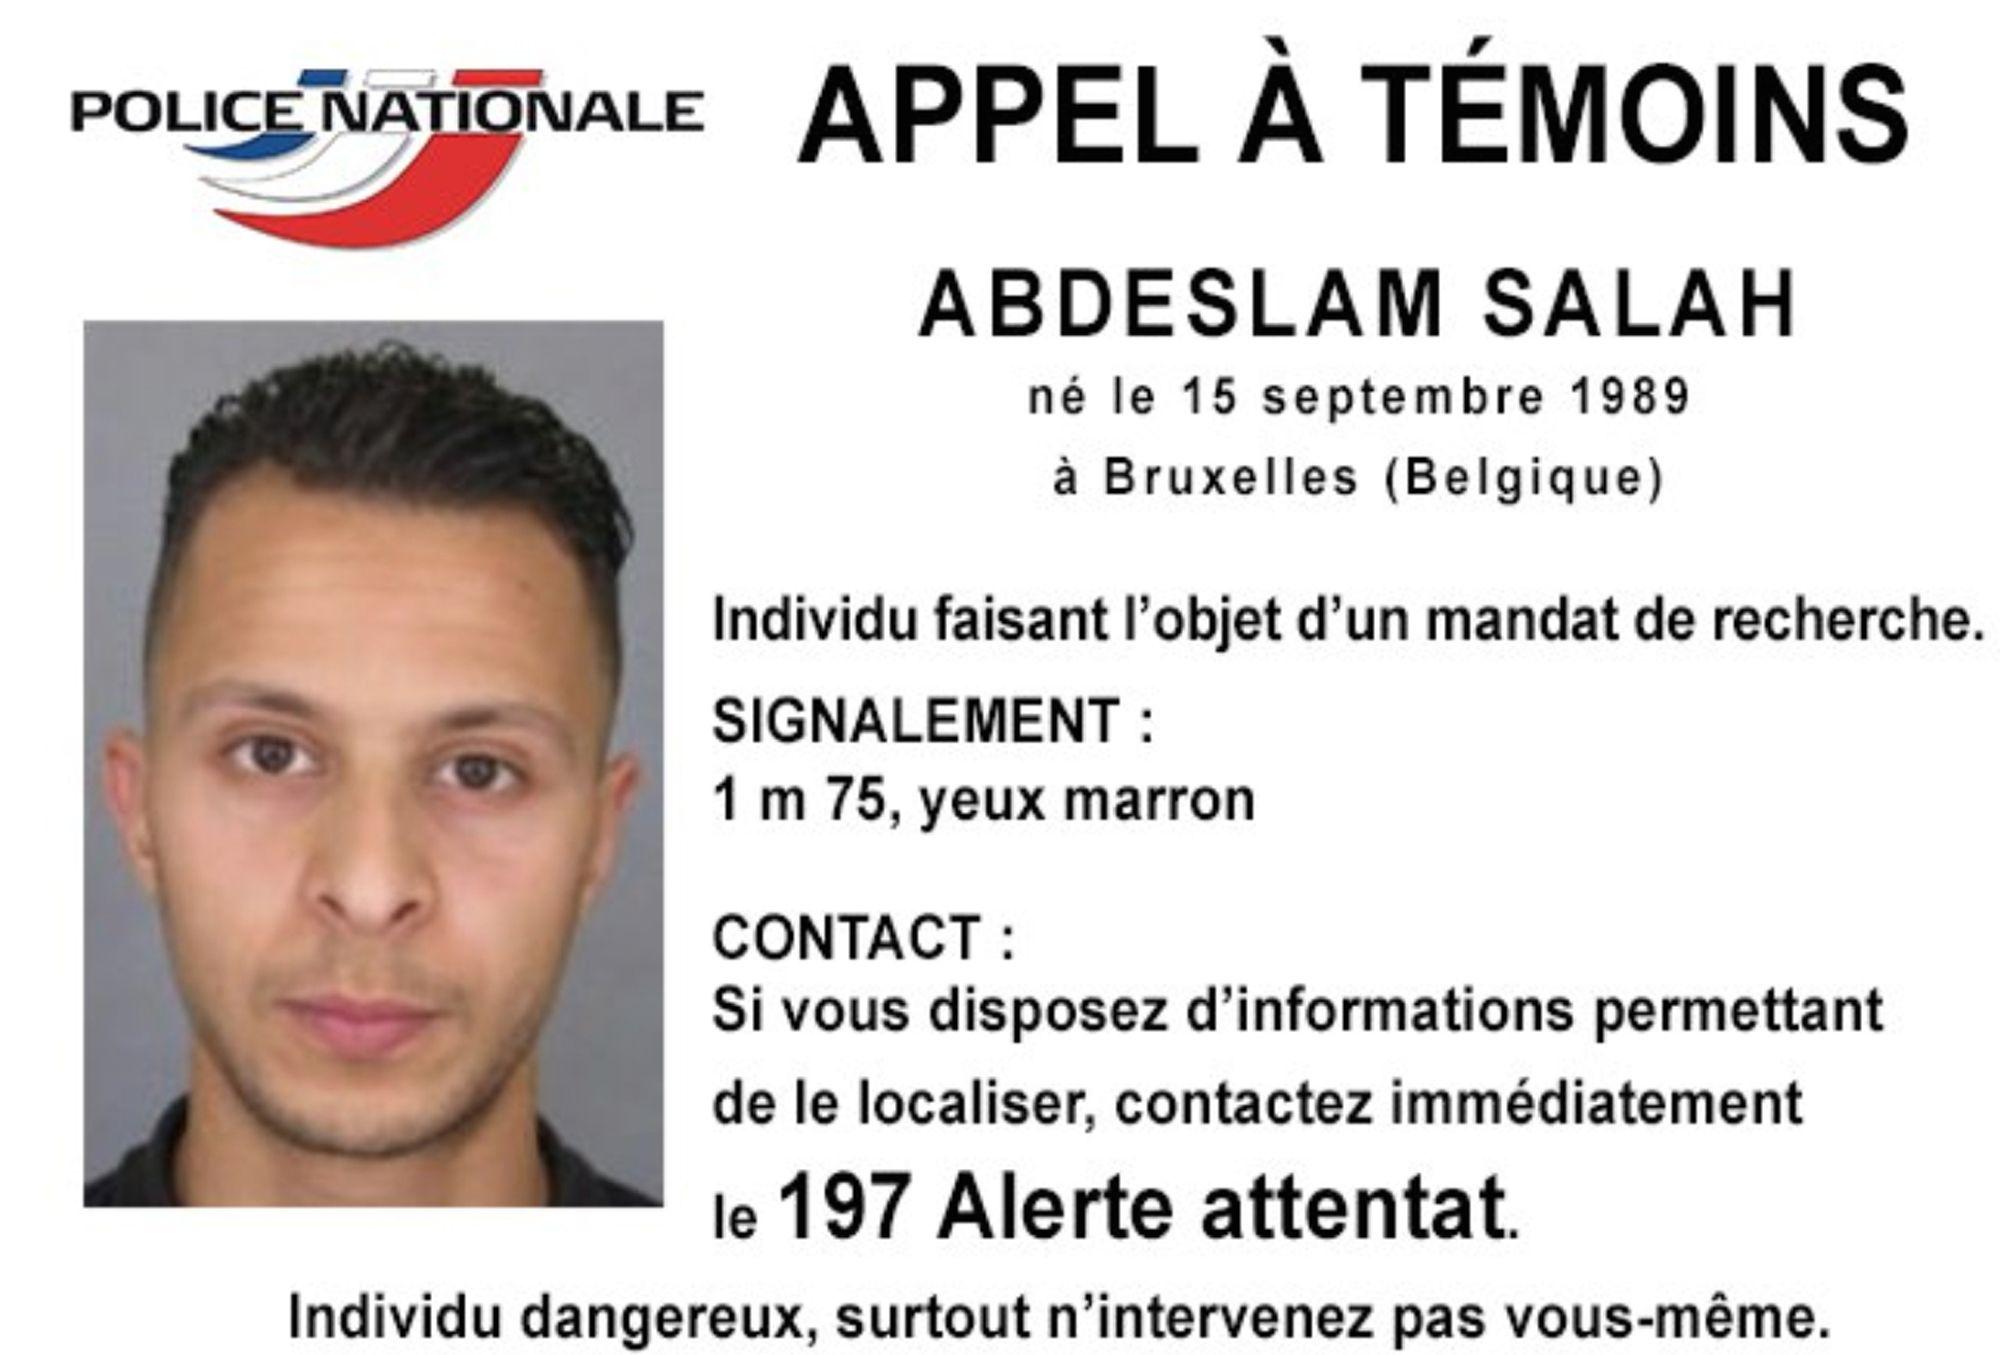 La policía francesa publicó este aviso de búsqueda y alerta del terrorista Abdeslam Salah